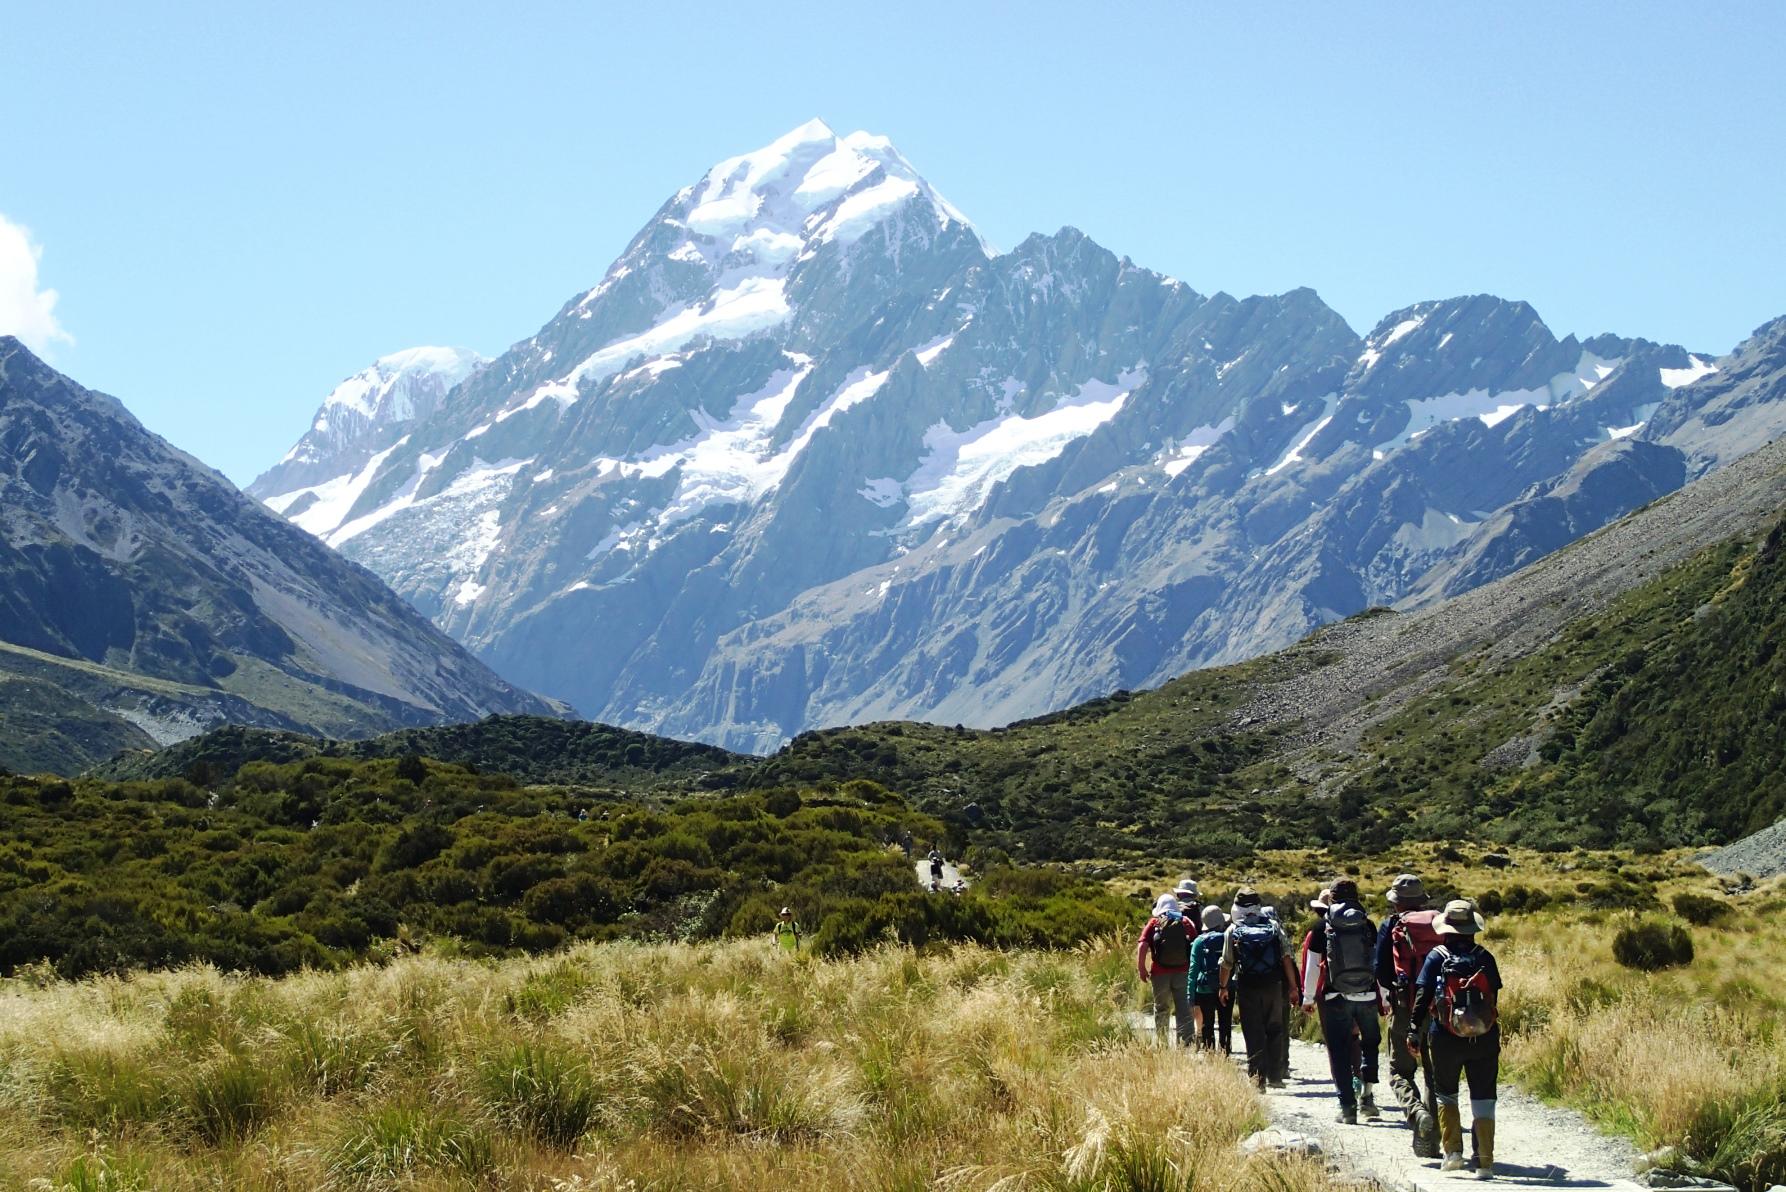 NZ最高峰Mt.クック(3,724m)の展望を楽しむフッカー谷ハイキング(6日目)